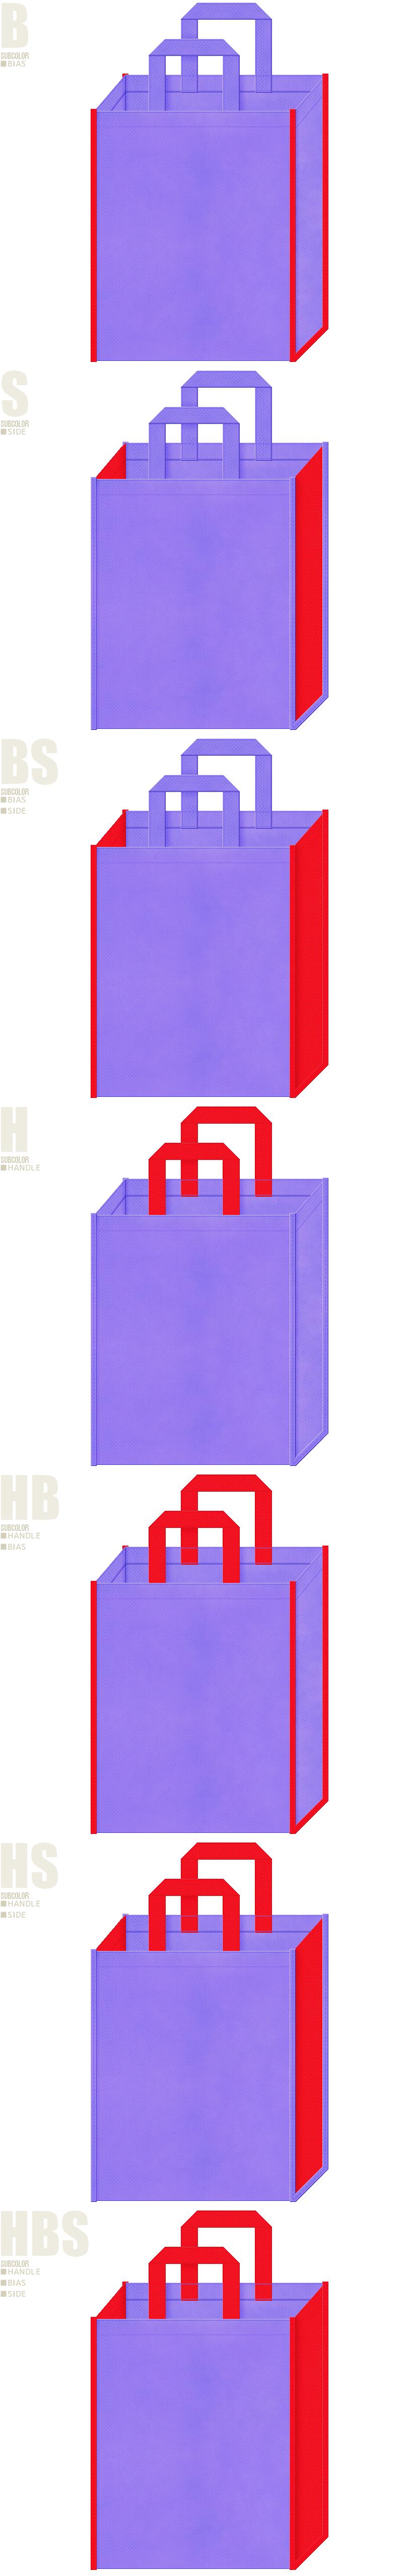 不織布バッグのデザイン:薄紫色と赤色の配色7パターン